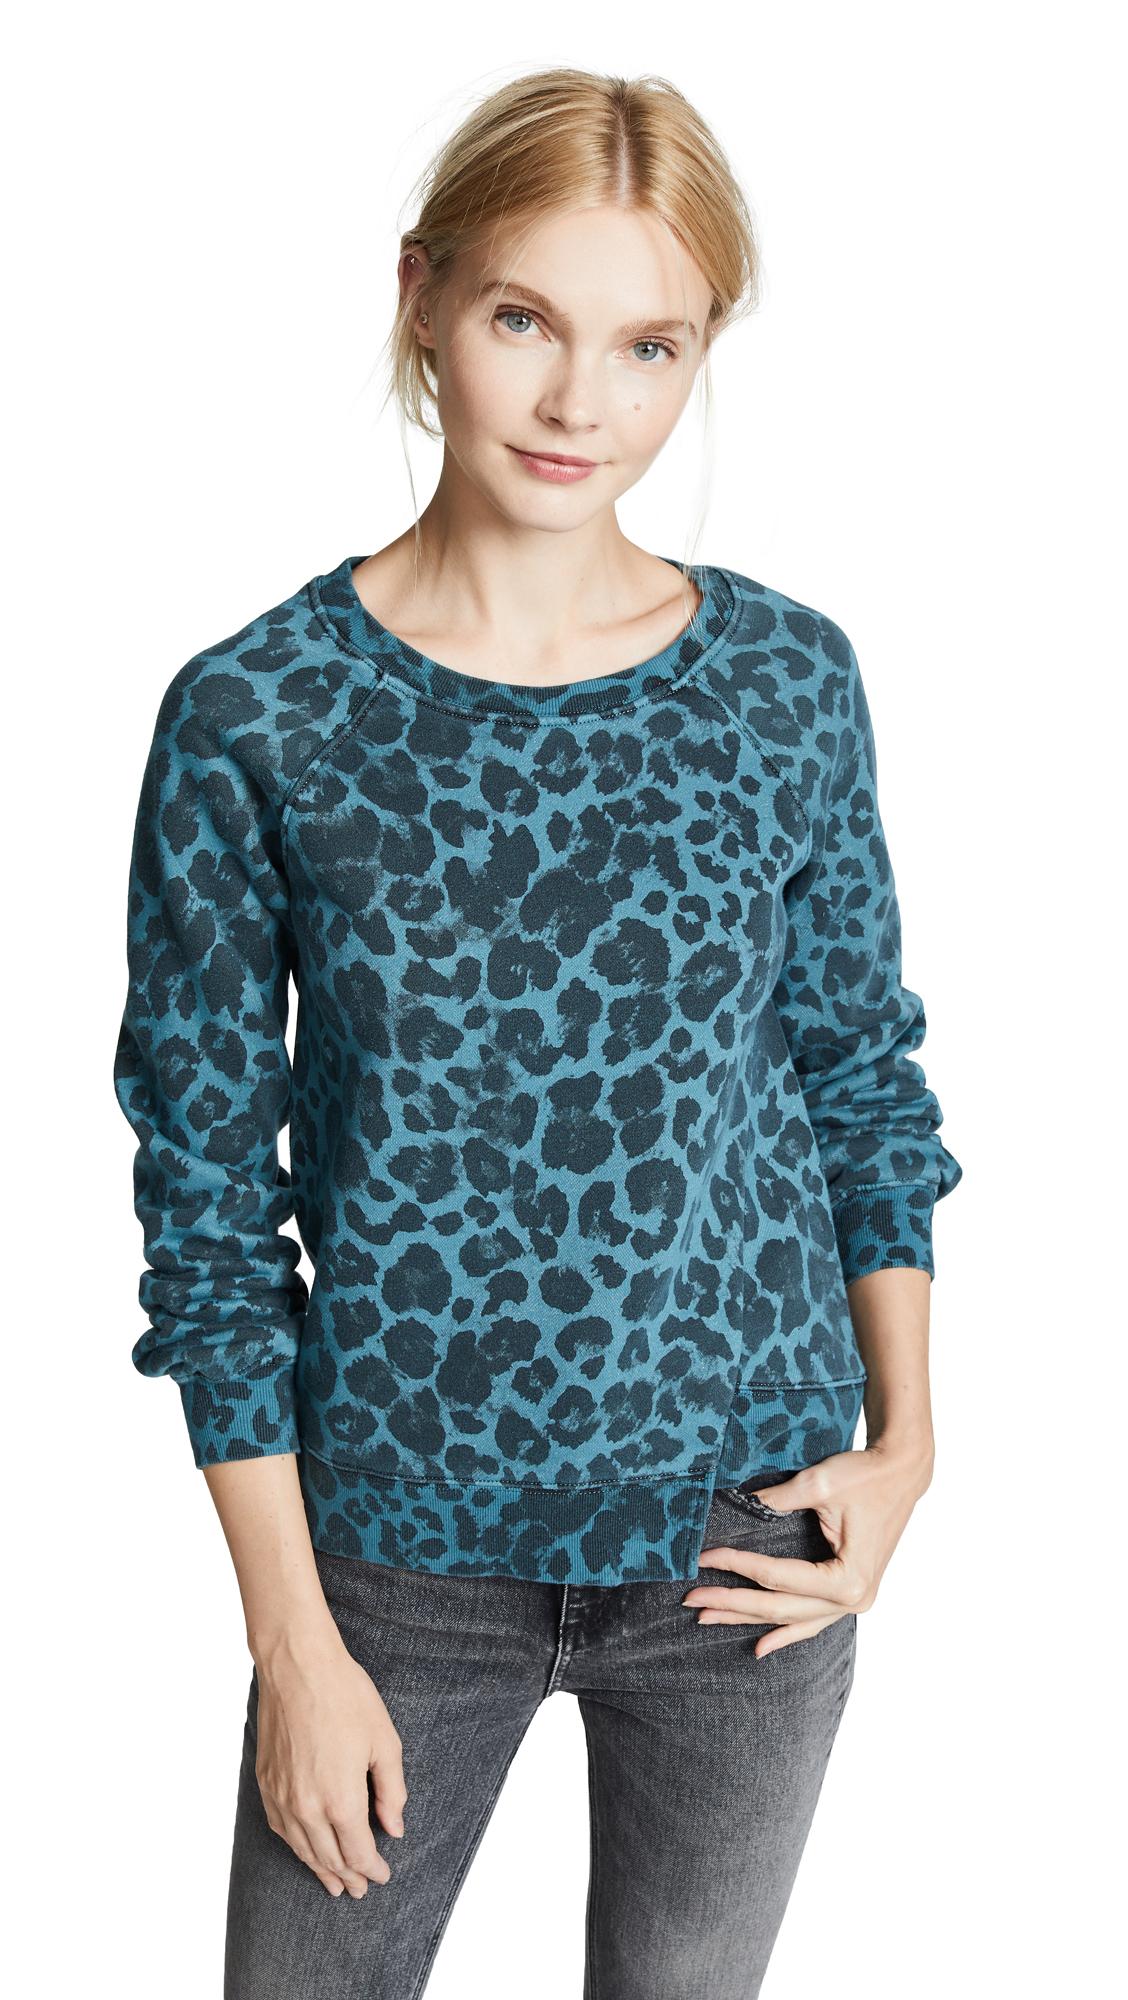 Pam & Gela Leopard Sweatshirt In Blue Leopard Print